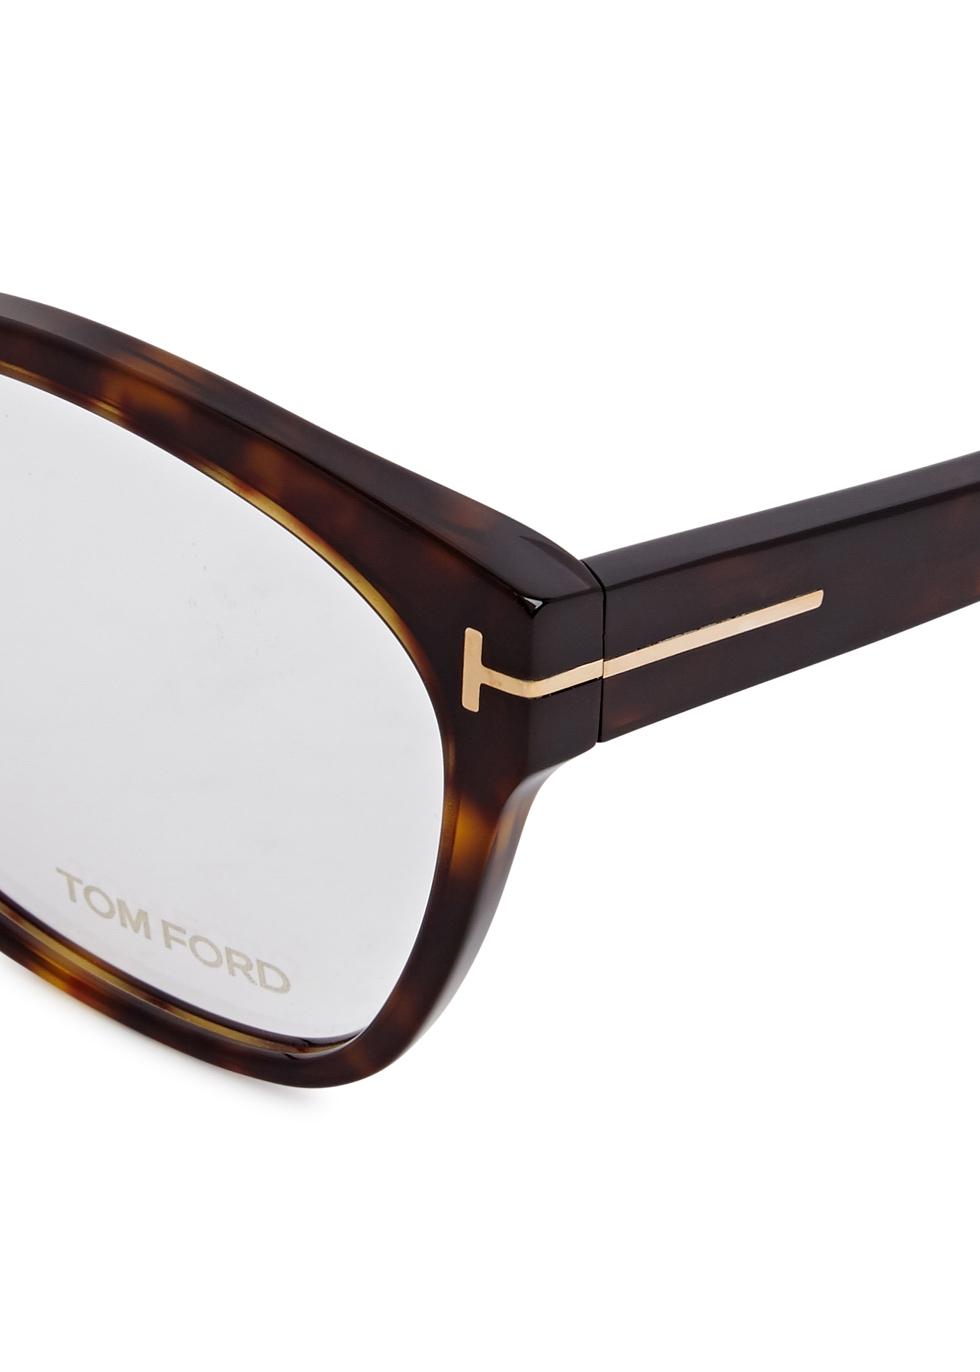 Tortoiseshell wayfarer-style optical glasses - Tom Ford